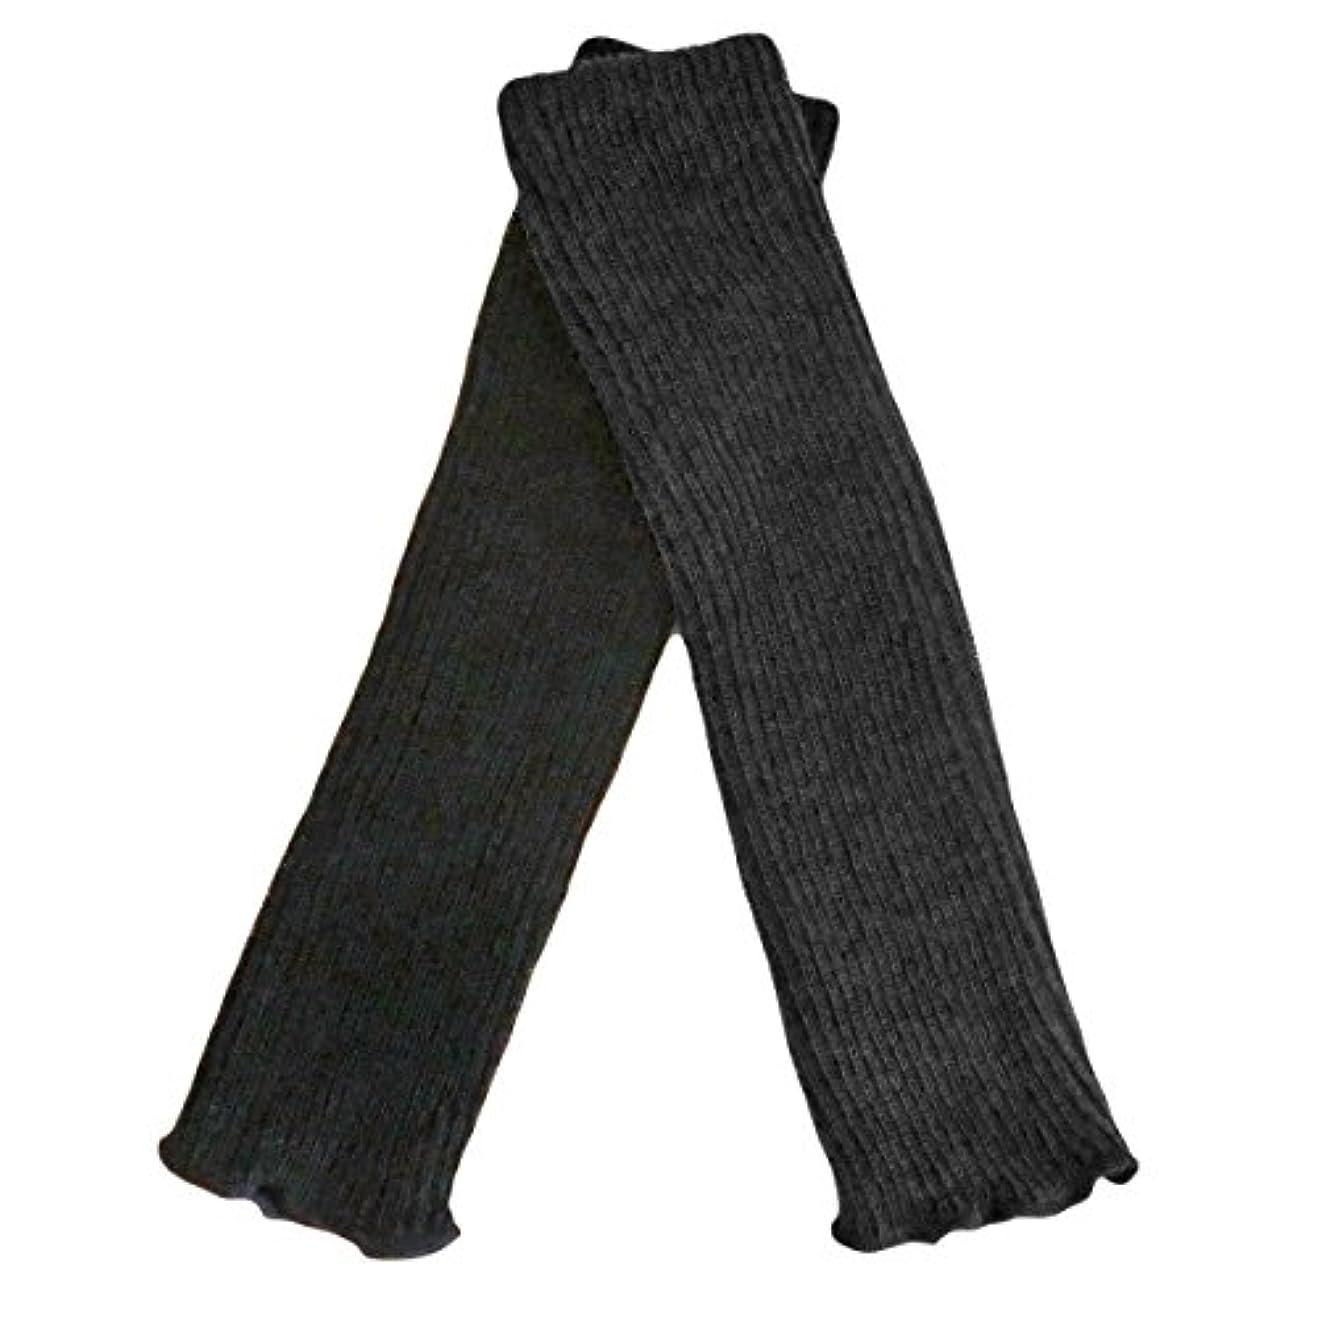 服を片付ける割り当てる平らなシルクウール二重編みレッグウォーマー 内絹外毛の二重縫製があたたかい厚手レッグウォーマー (チャコール)